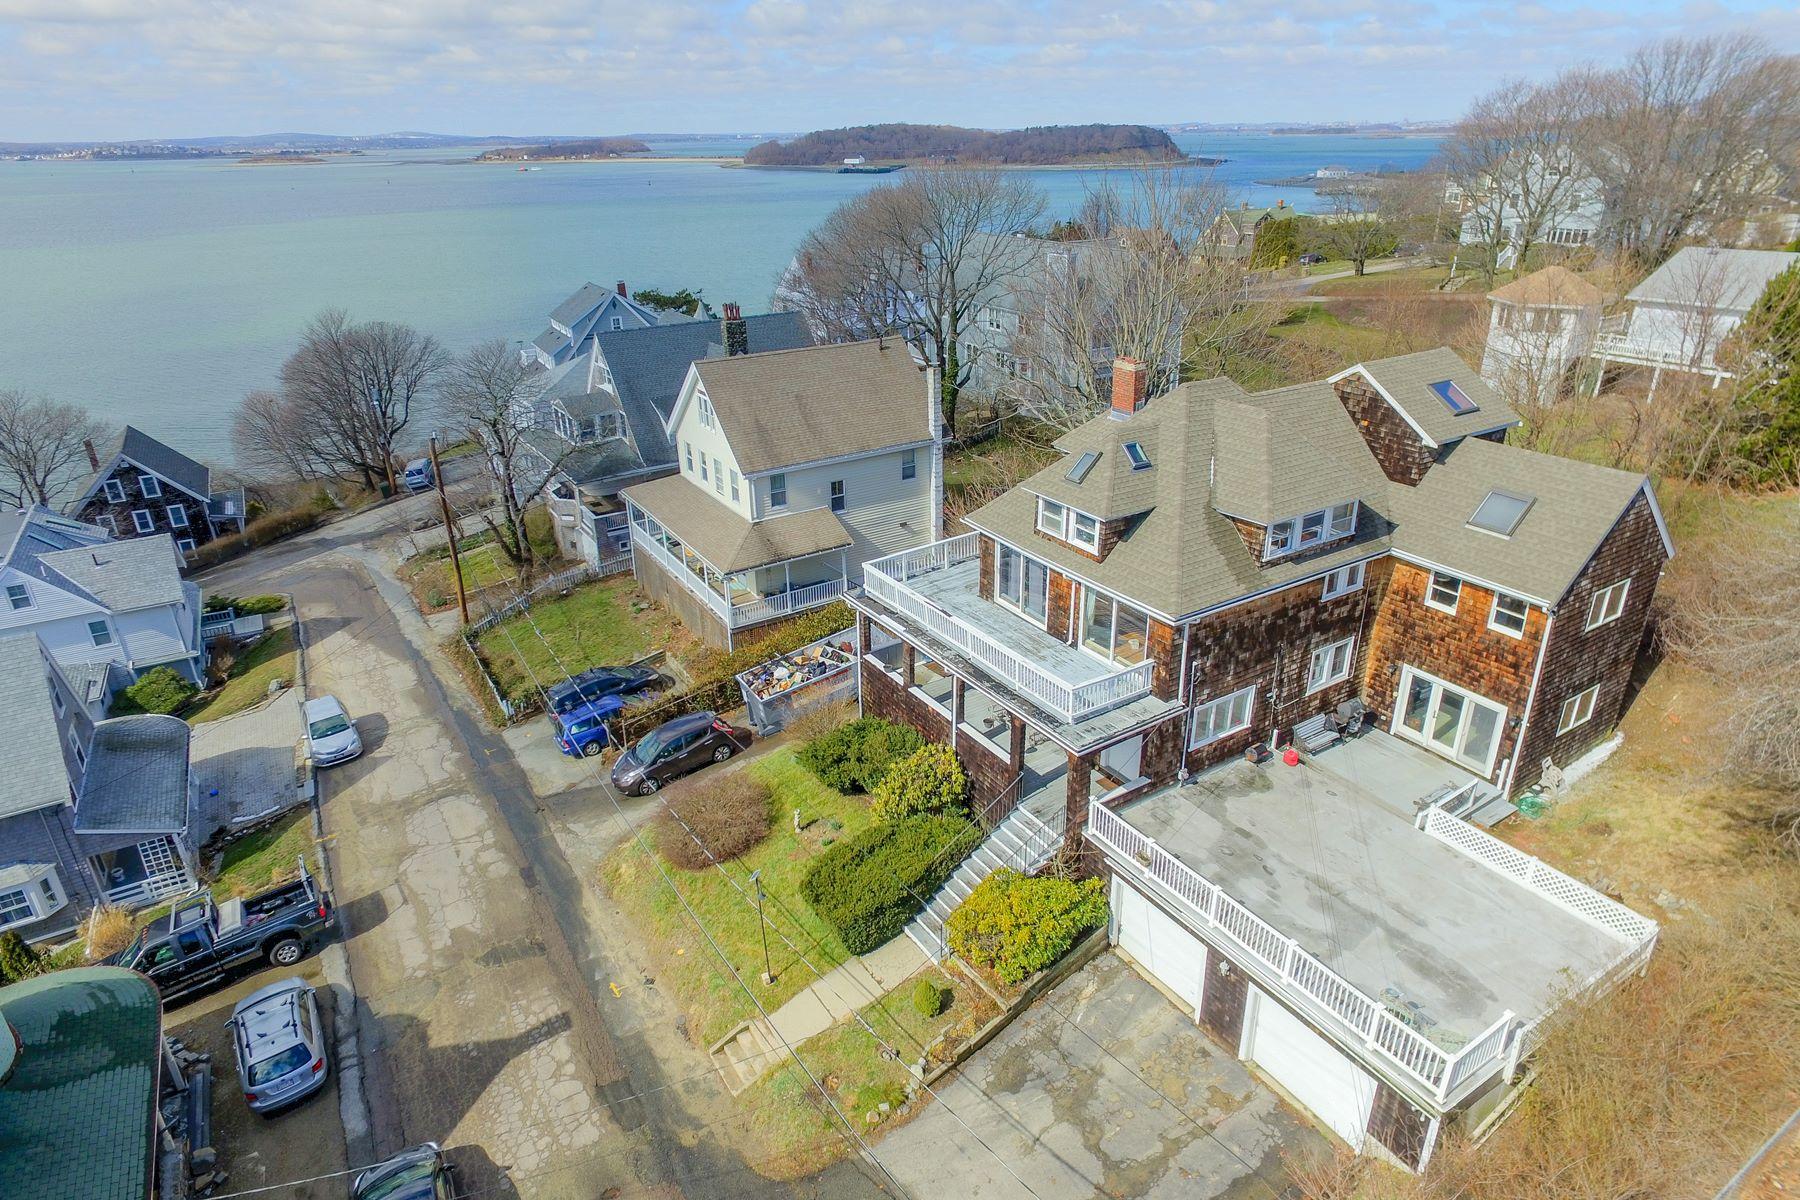 一戸建て のために 売買 アット 58 Vautrinot Ave Ave, Hull Hull, マサチューセッツ, 02045 アメリカ合衆国